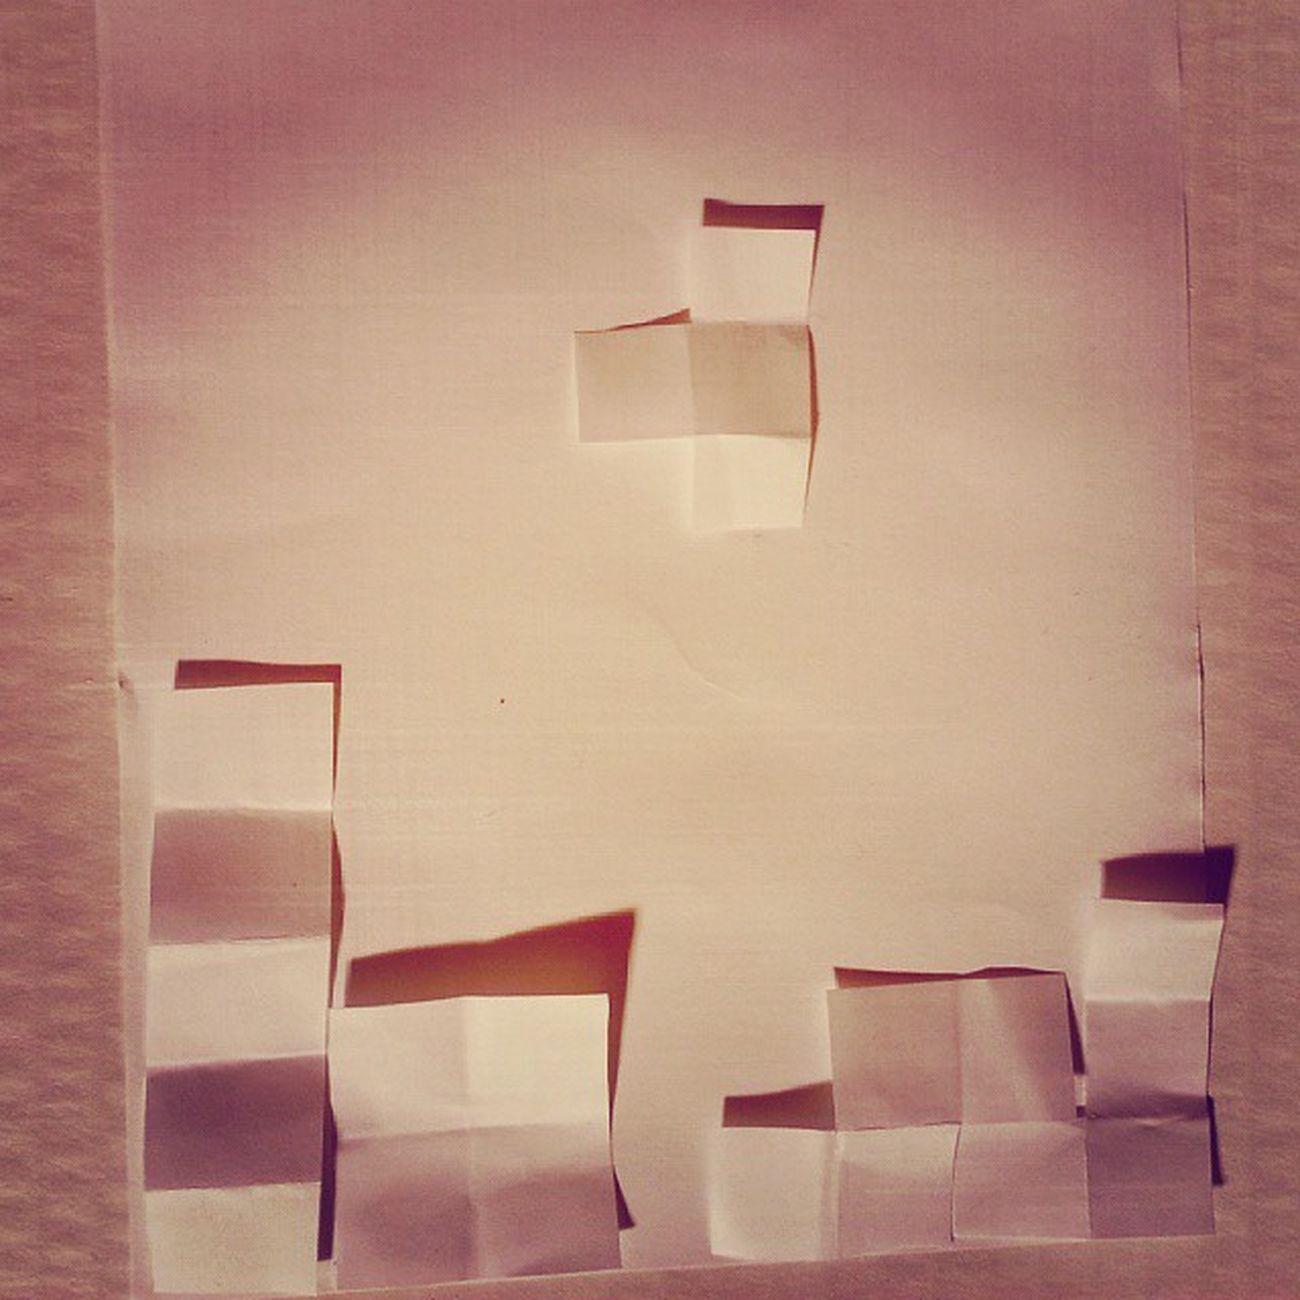 Brincando com papel e sombras na aula de hoje! Tetris Paper Shadows College photo